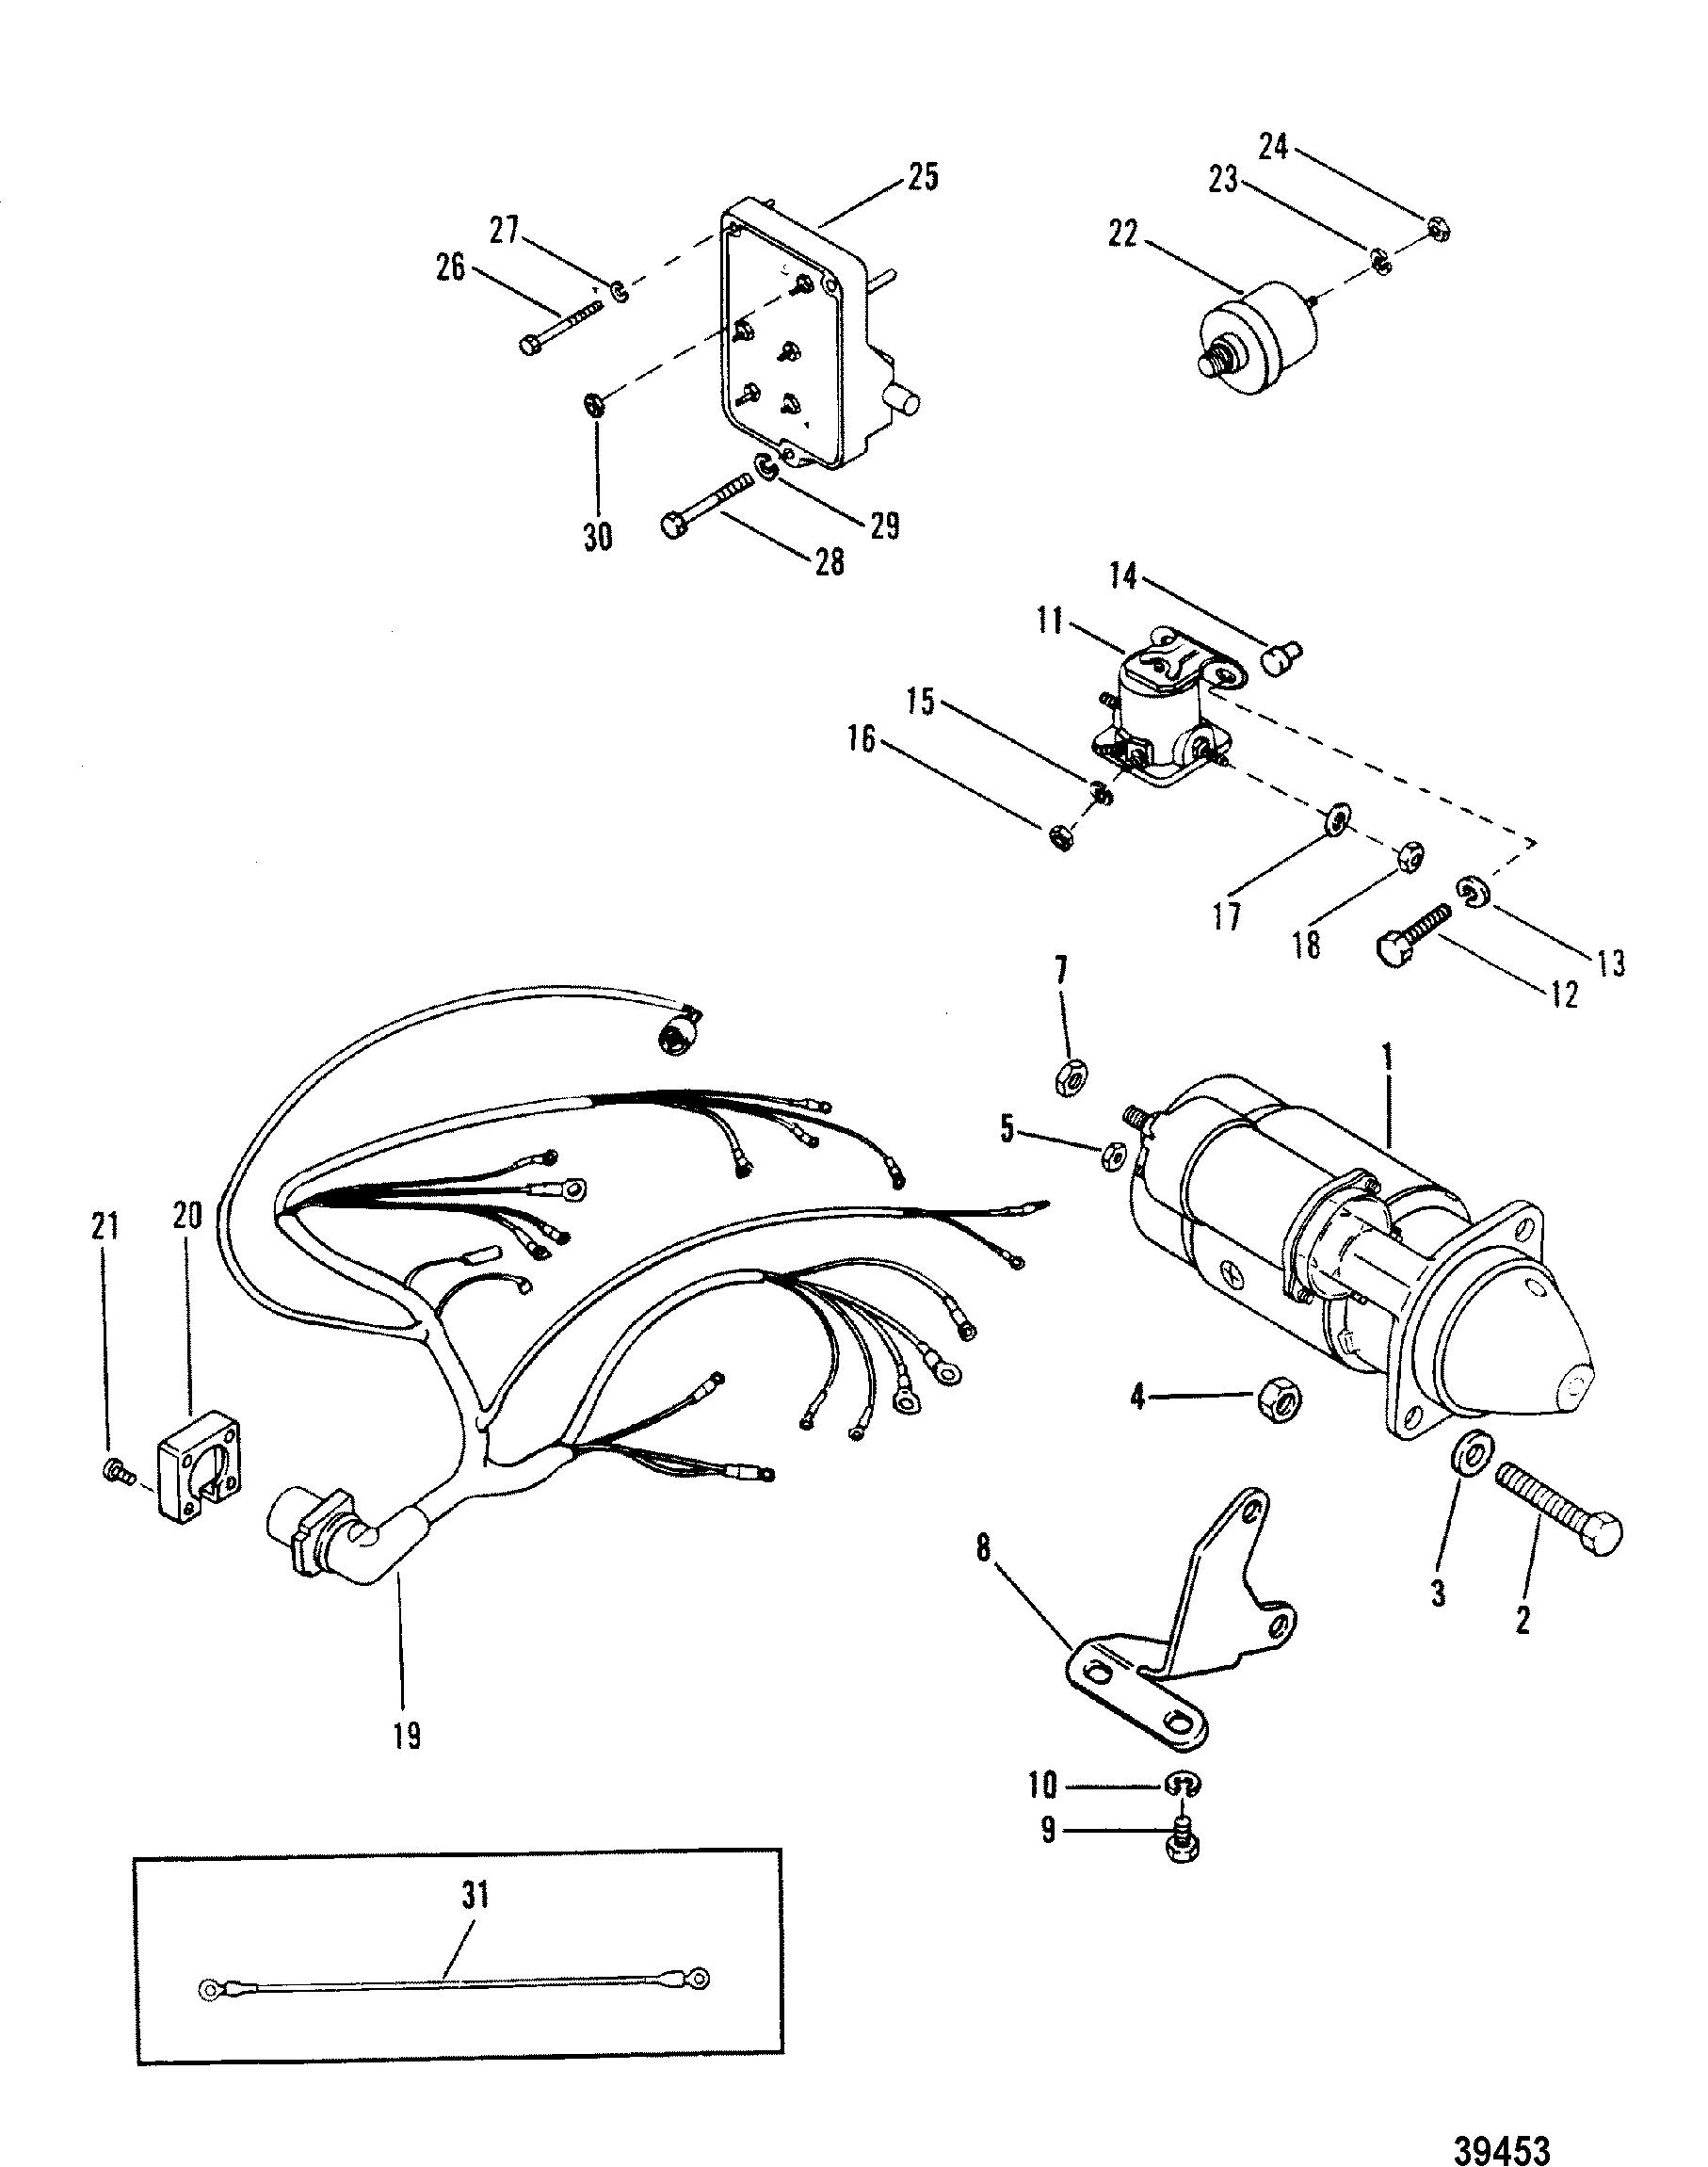 Starter Motor And Wiring Harness For Mercruiser 165 - Starter Motor Wiring Diagram